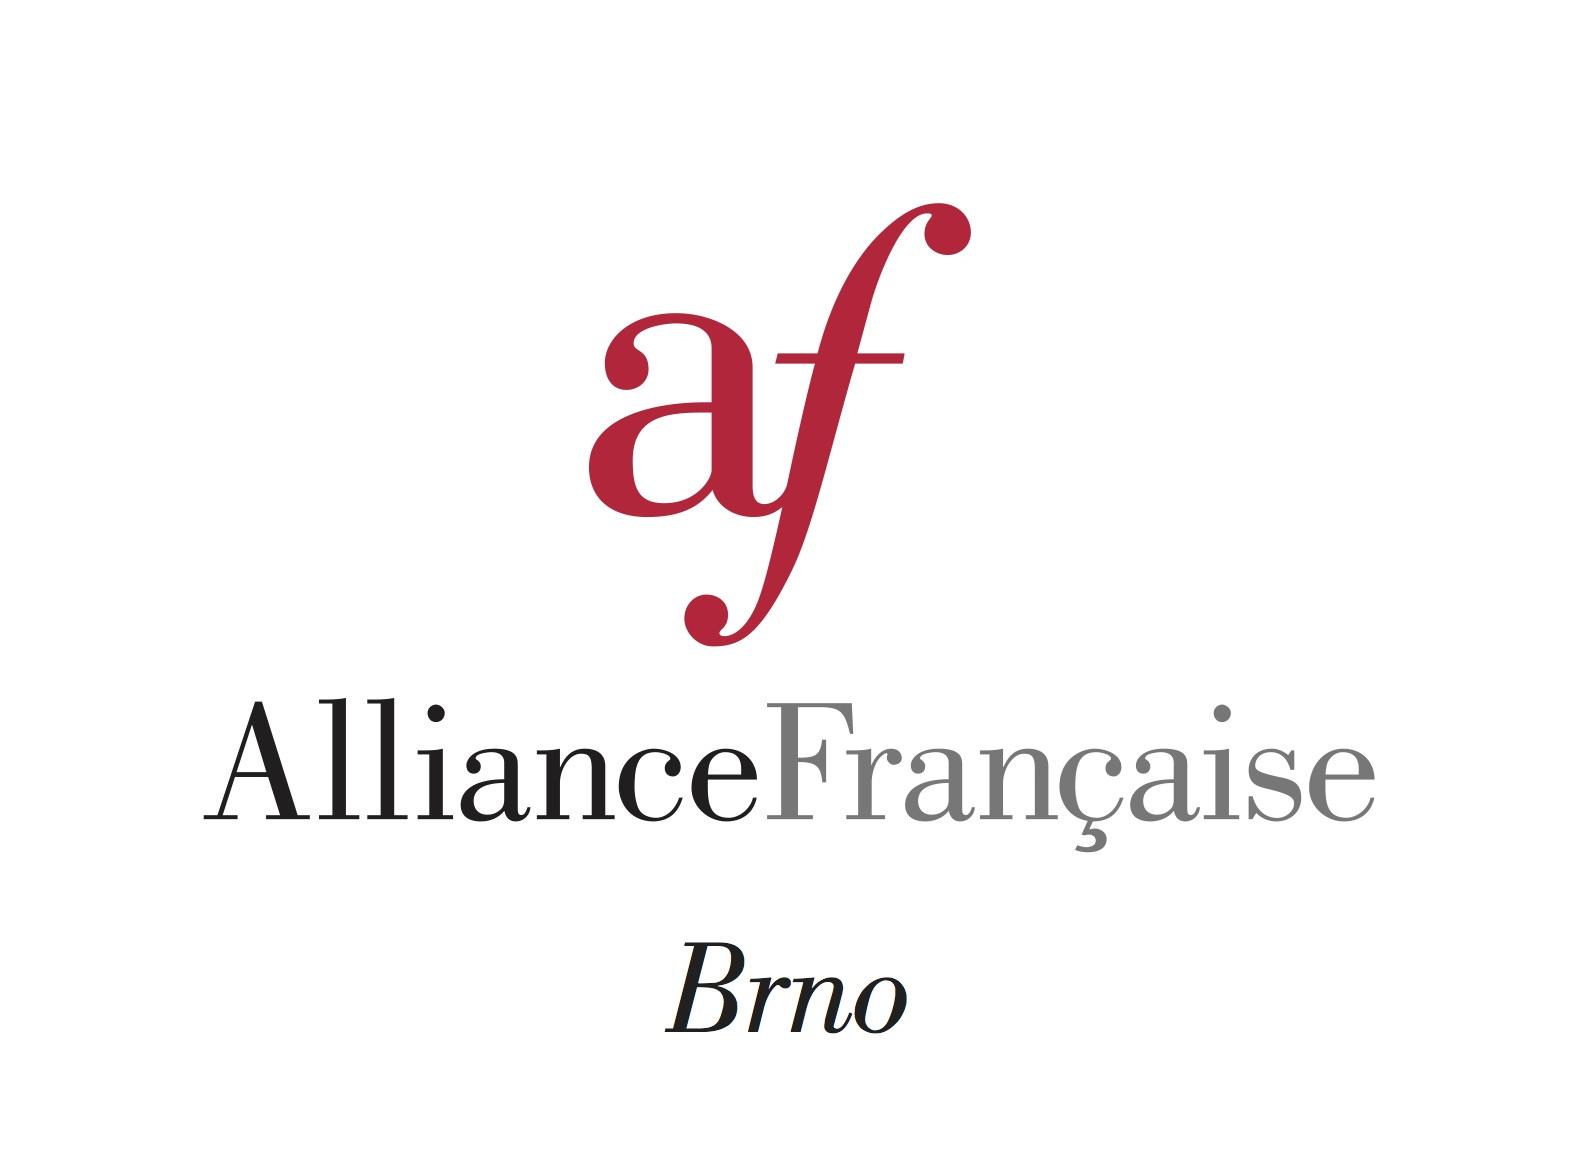 www.afbrno.cz - logo